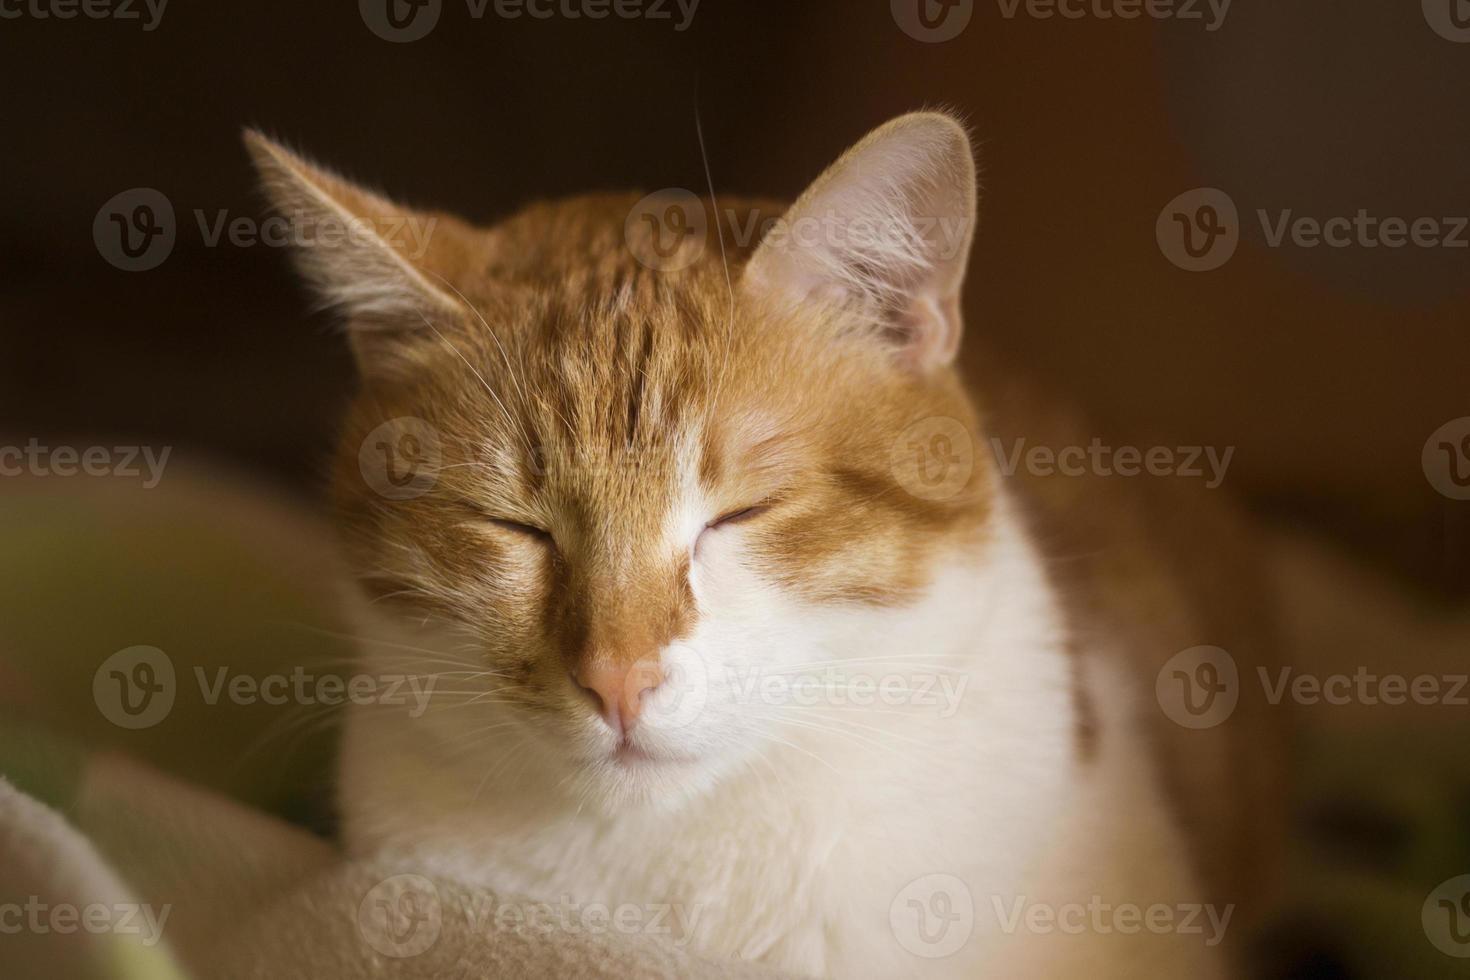 gato com sono ruivo, gato adormecido, cara de gato, sono foto